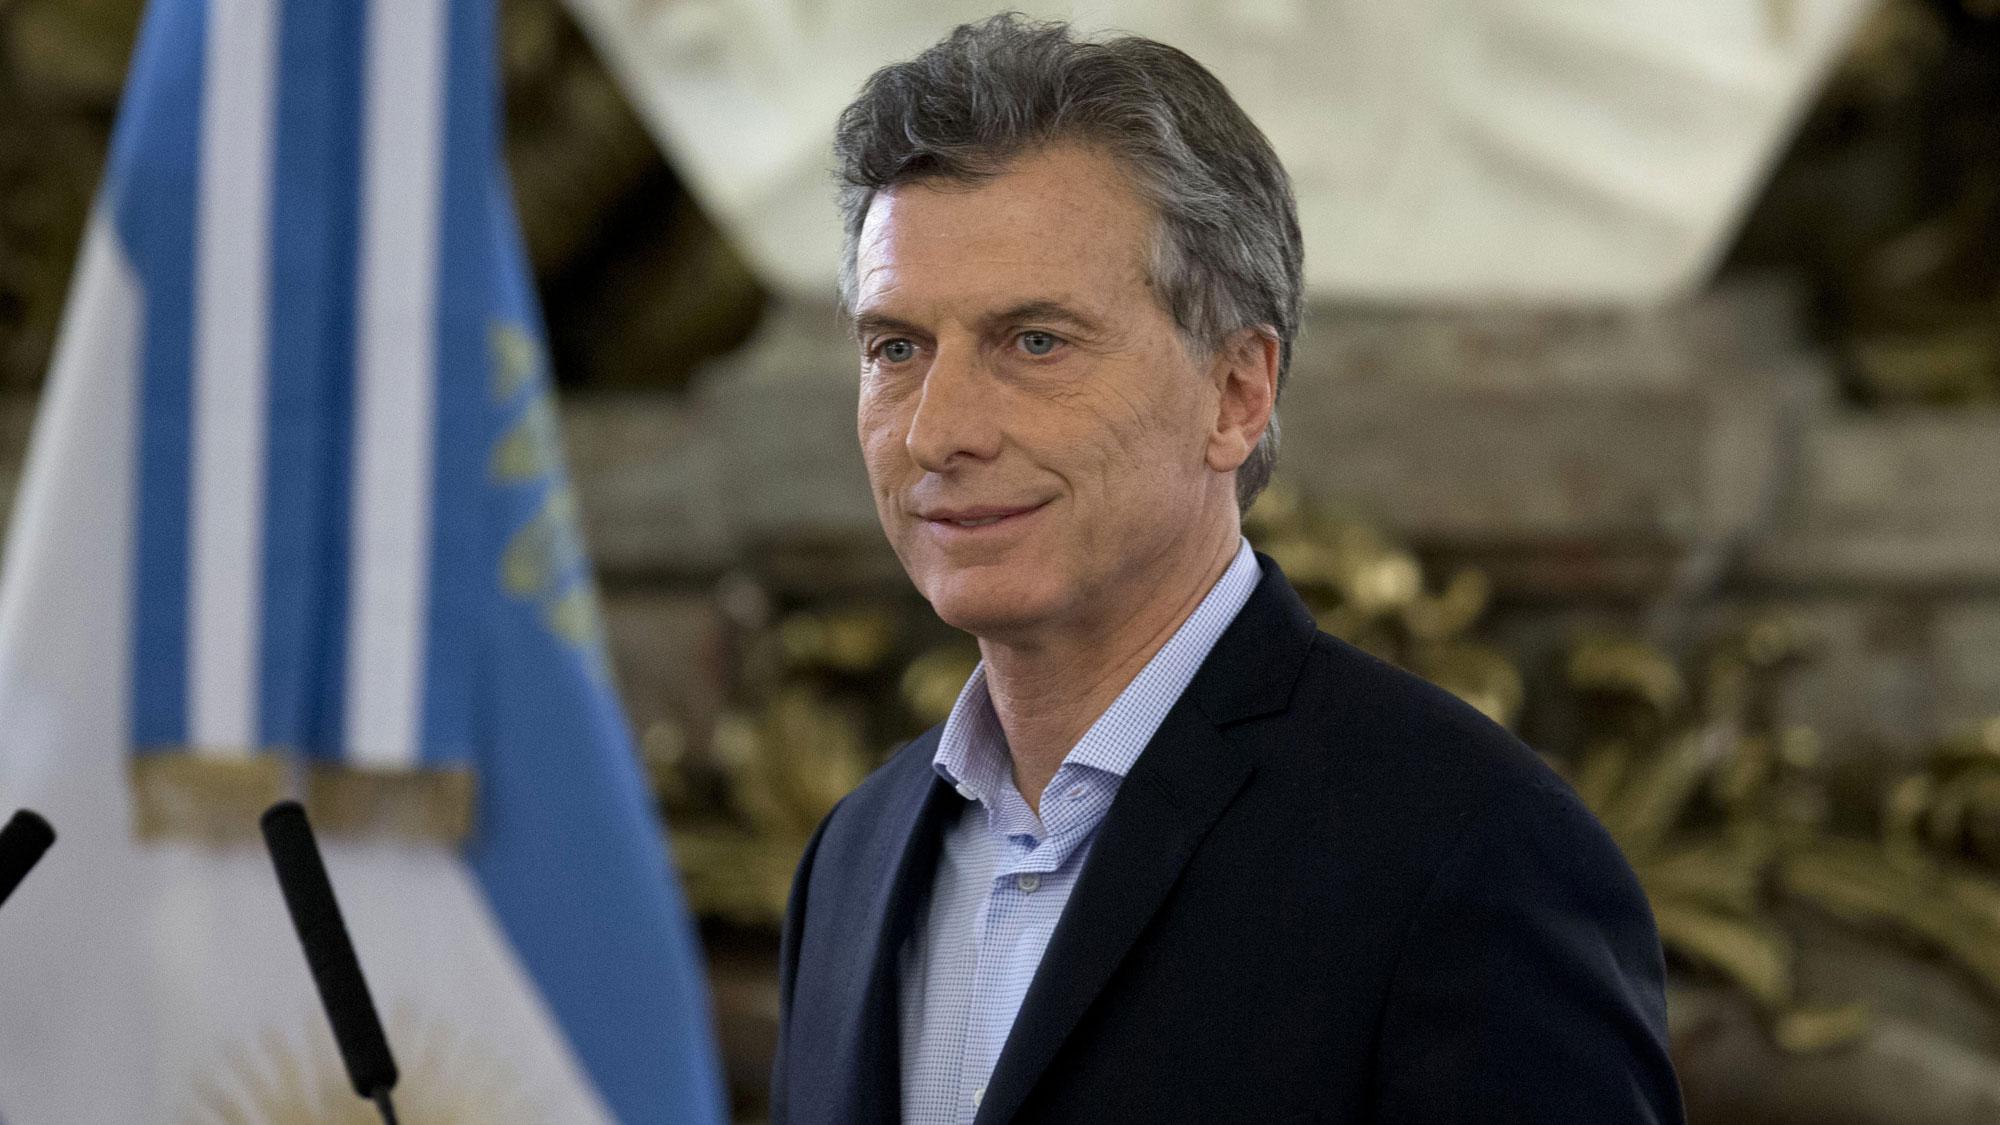 Elecciones en Argentina: la fuerza de Macri se impone a nivel nacional pero con bajos resultados